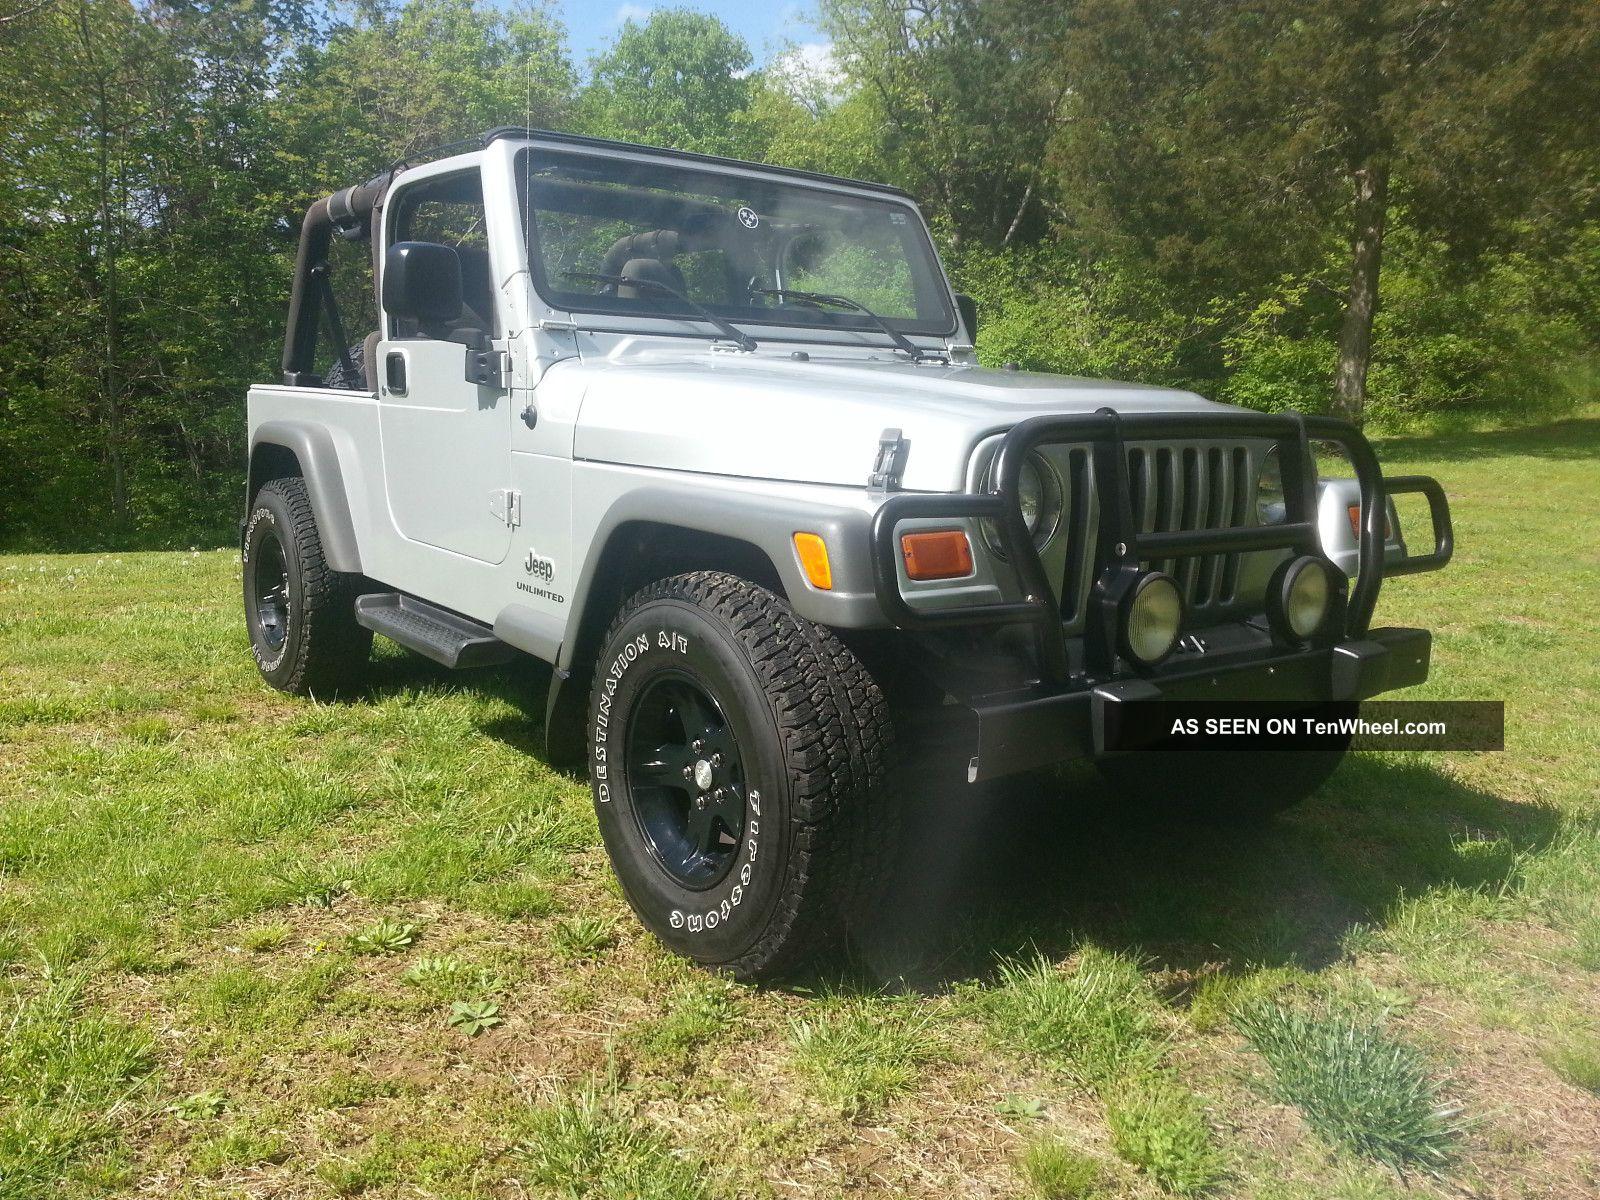 2005 jeep wrangler unlimited sport utility 2 door 4 0l 4wd. Black Bedroom Furniture Sets. Home Design Ideas